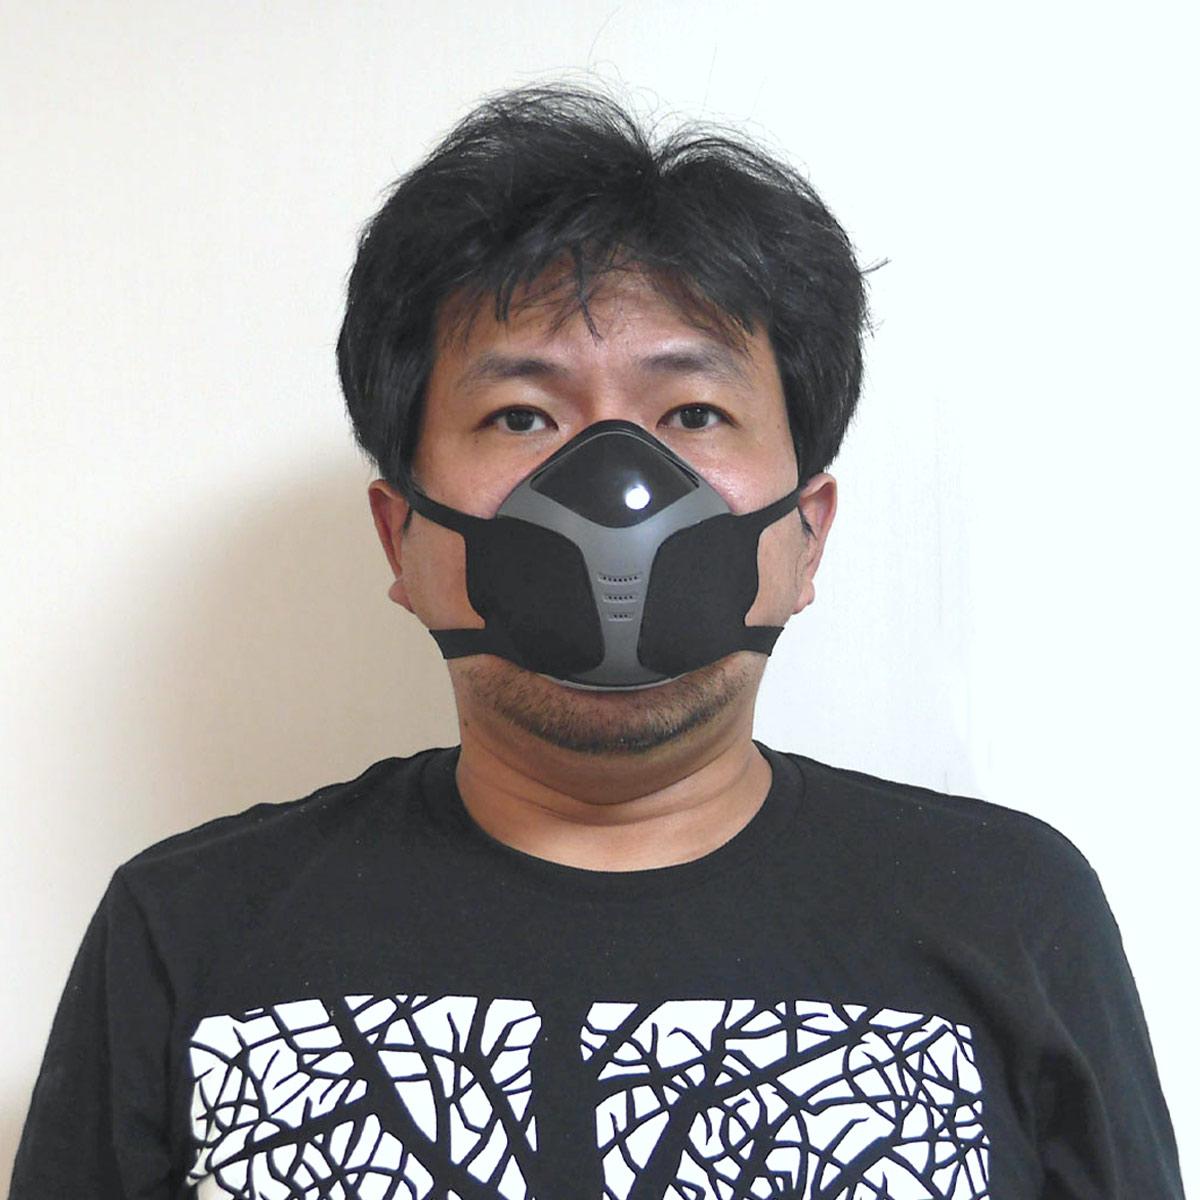 夏でもムレない「電動ファン付きマスク」を使ってみたら、想像以上に快適だった!